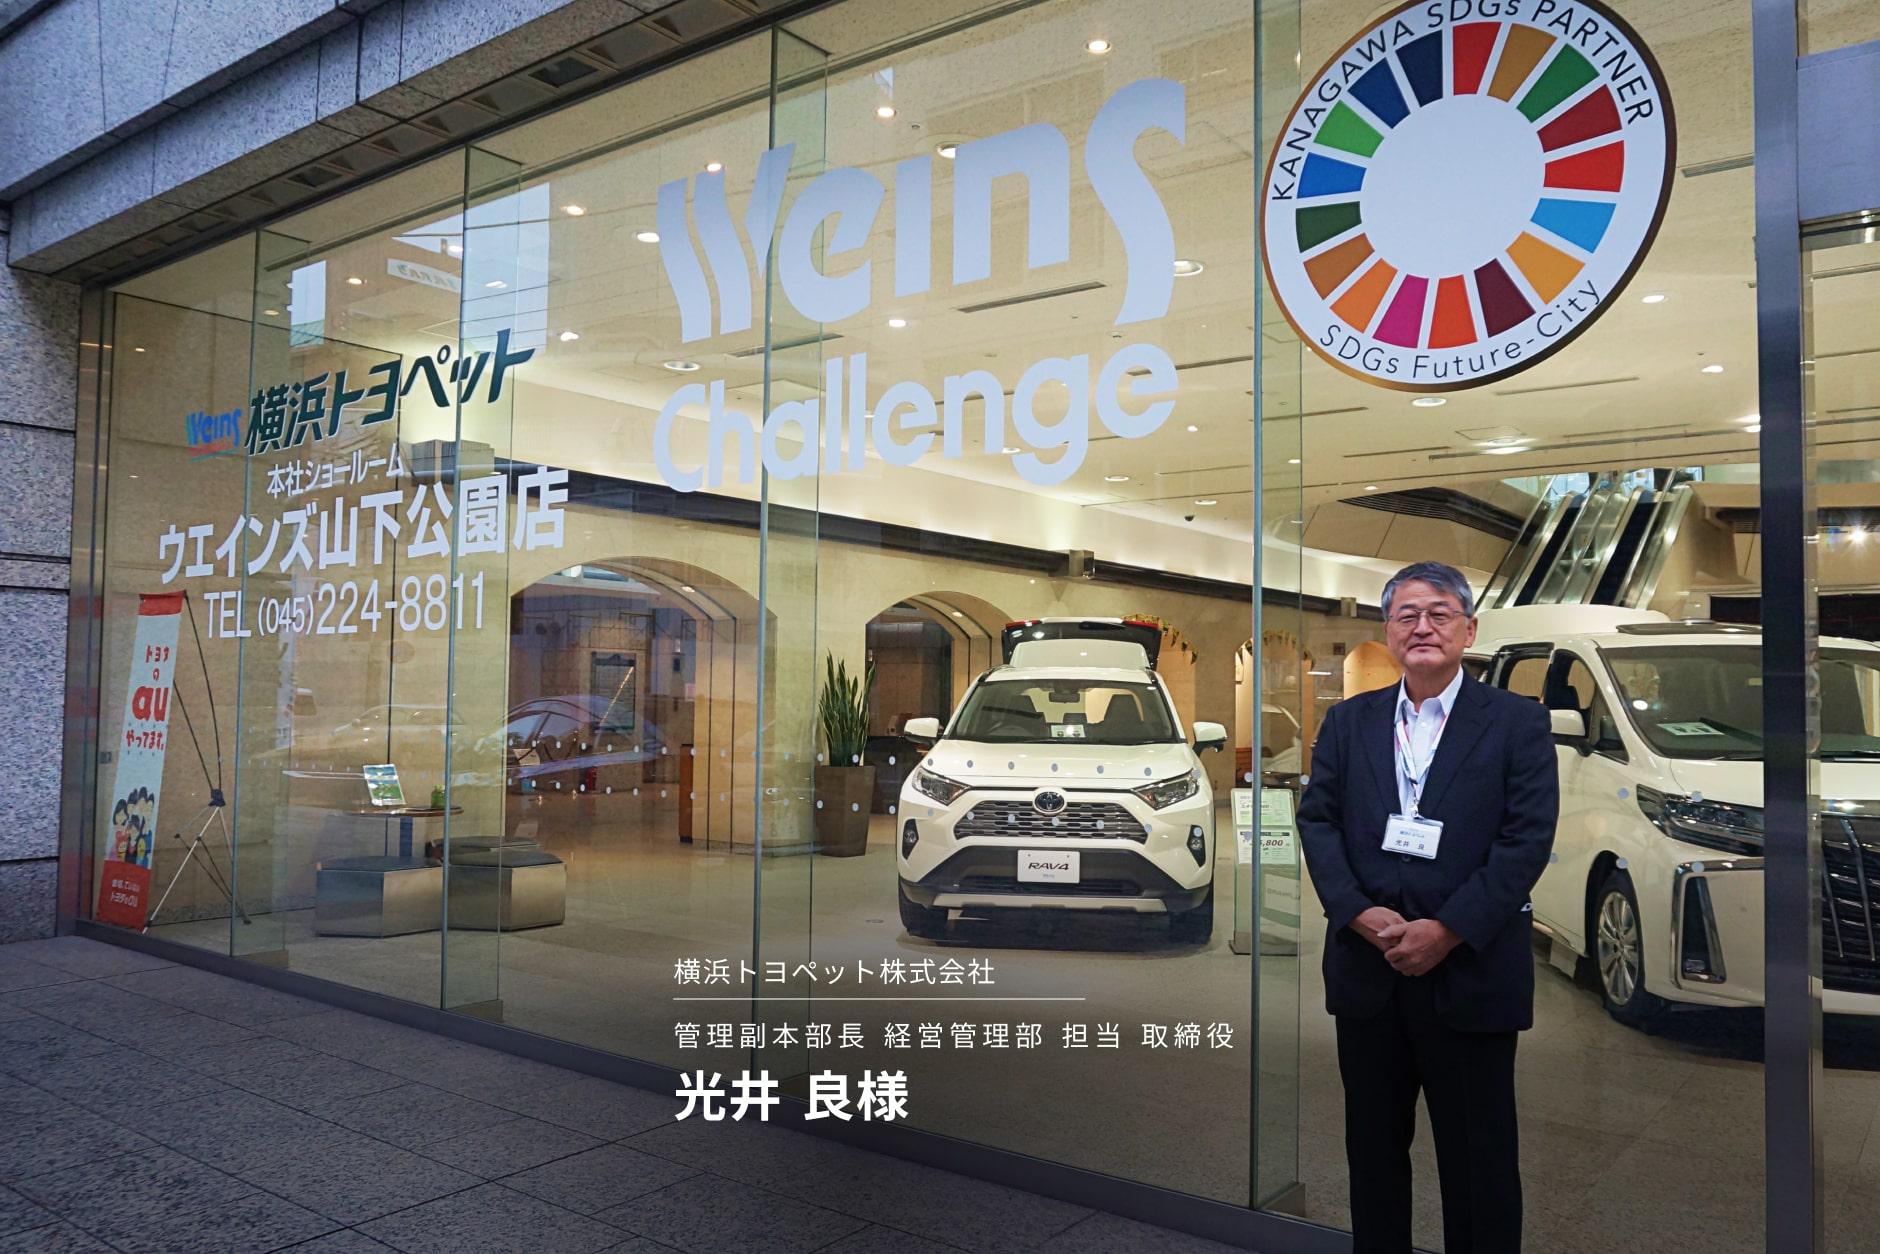 車両管理システム導入のきっかけは「社会や地域への貢献」。横浜トヨペットが全力で安全運転教育に取り組む理由